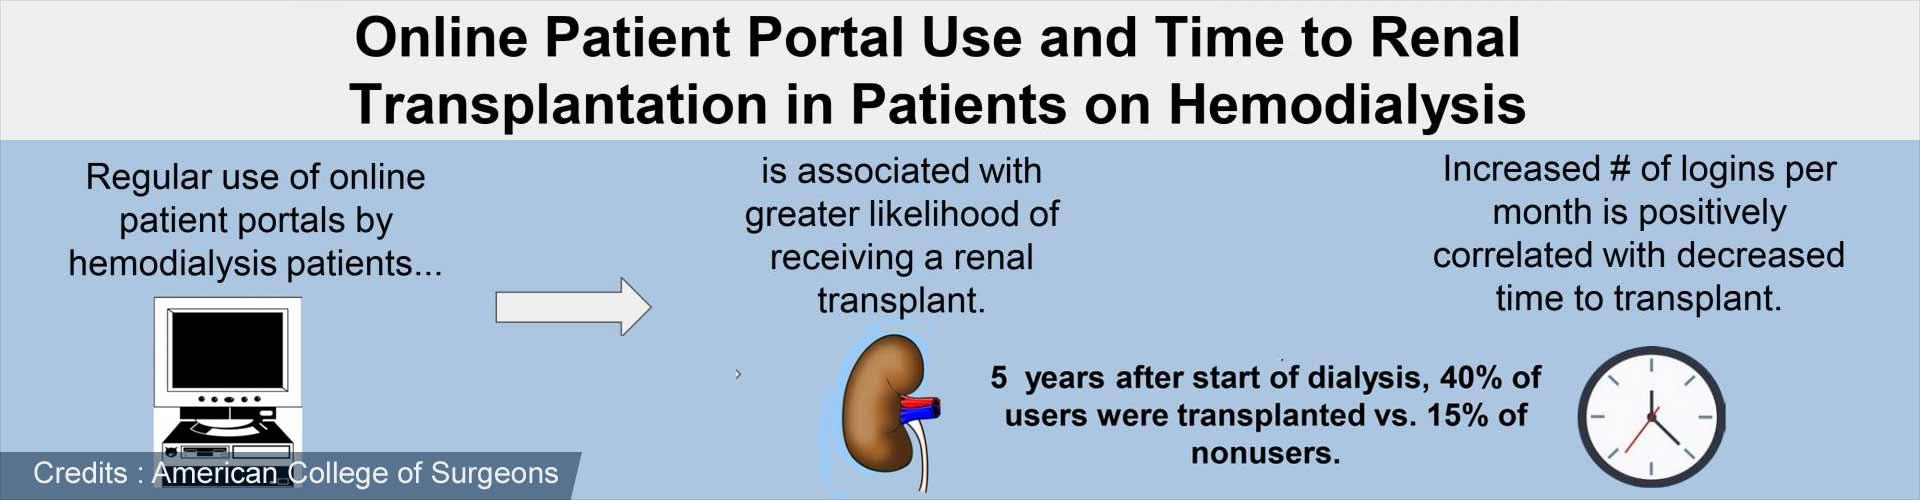 Online Patient Tool May Increase Likelihood of Receiving Kidney Transplant